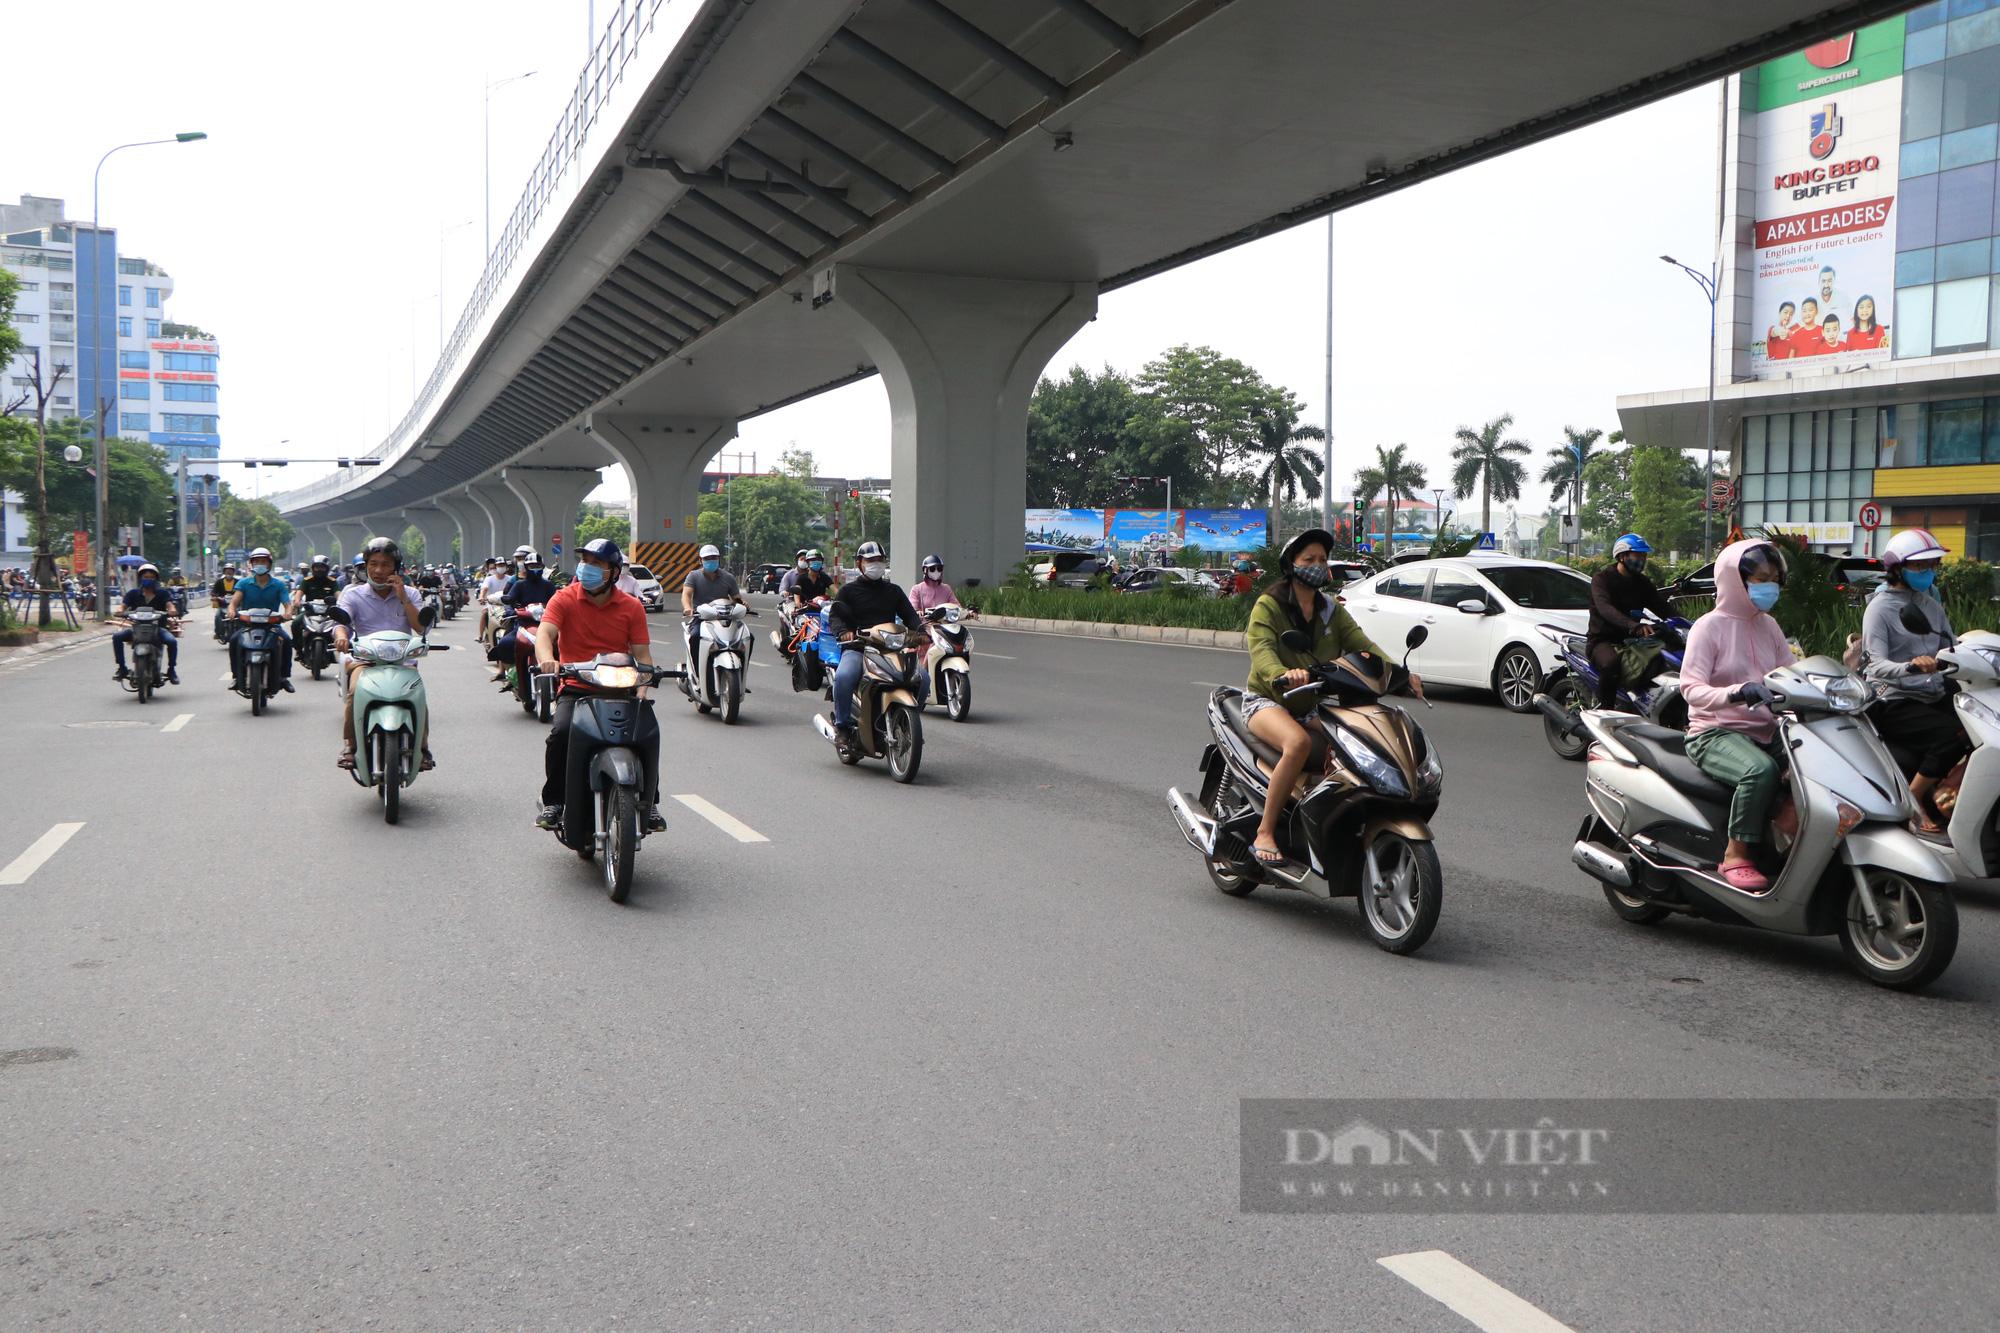 """Chủ tịch Hà Nội: """"Yêu cầu người dân không ra khỏi nhà nếu không vì mục đích thiết yếu, xử phạt nghiêm vi phạm"""" - Ảnh 2."""